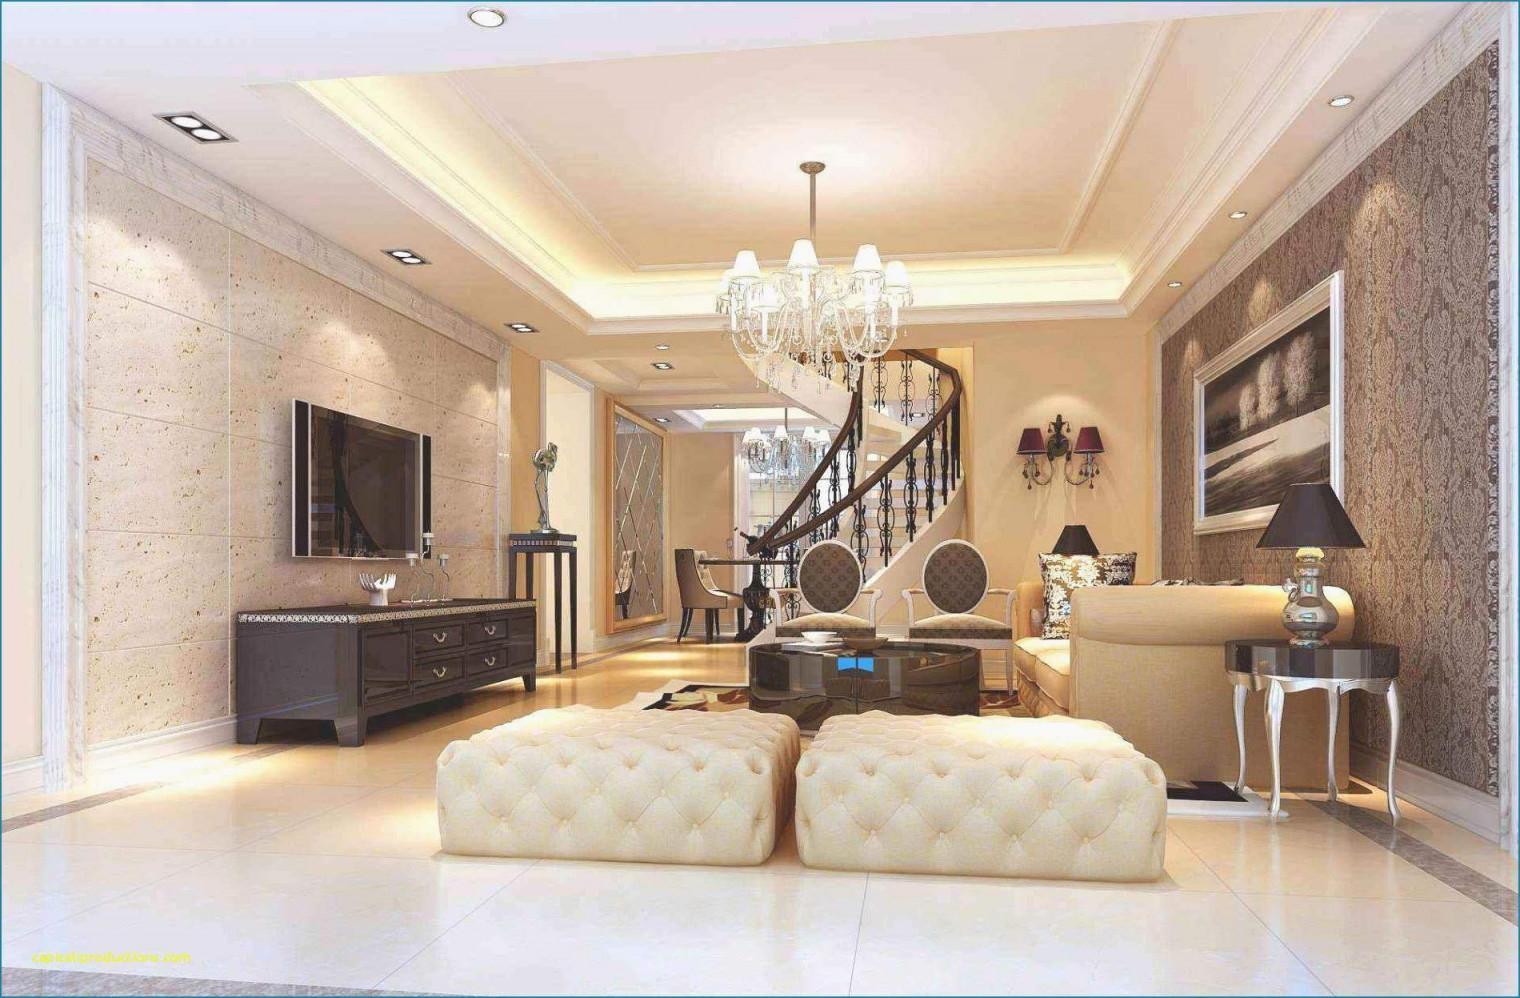 Wandbild Wohnzimmer Inspirierend Bilder Wohnzimmer Groß von Wohnzimmer Bilder Groß Bild